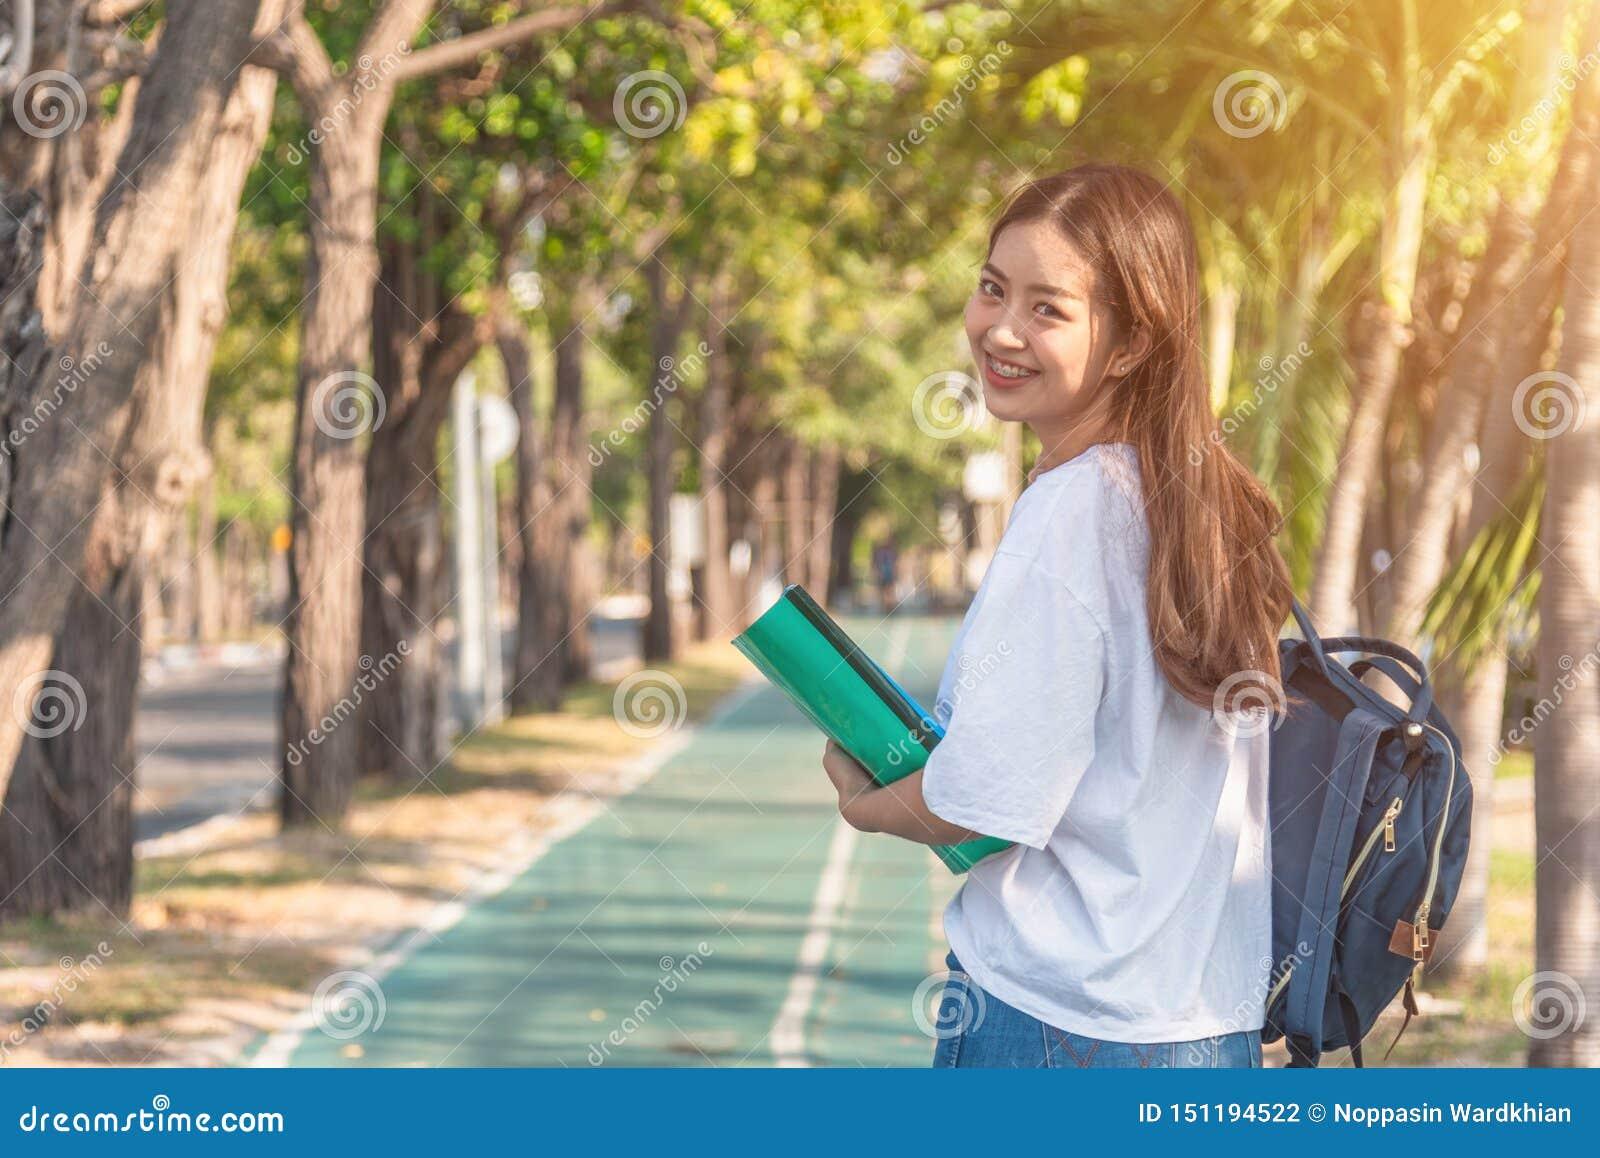 Mujer joven atractiva alegre con la mochila y el cuaderno y situación en el parque